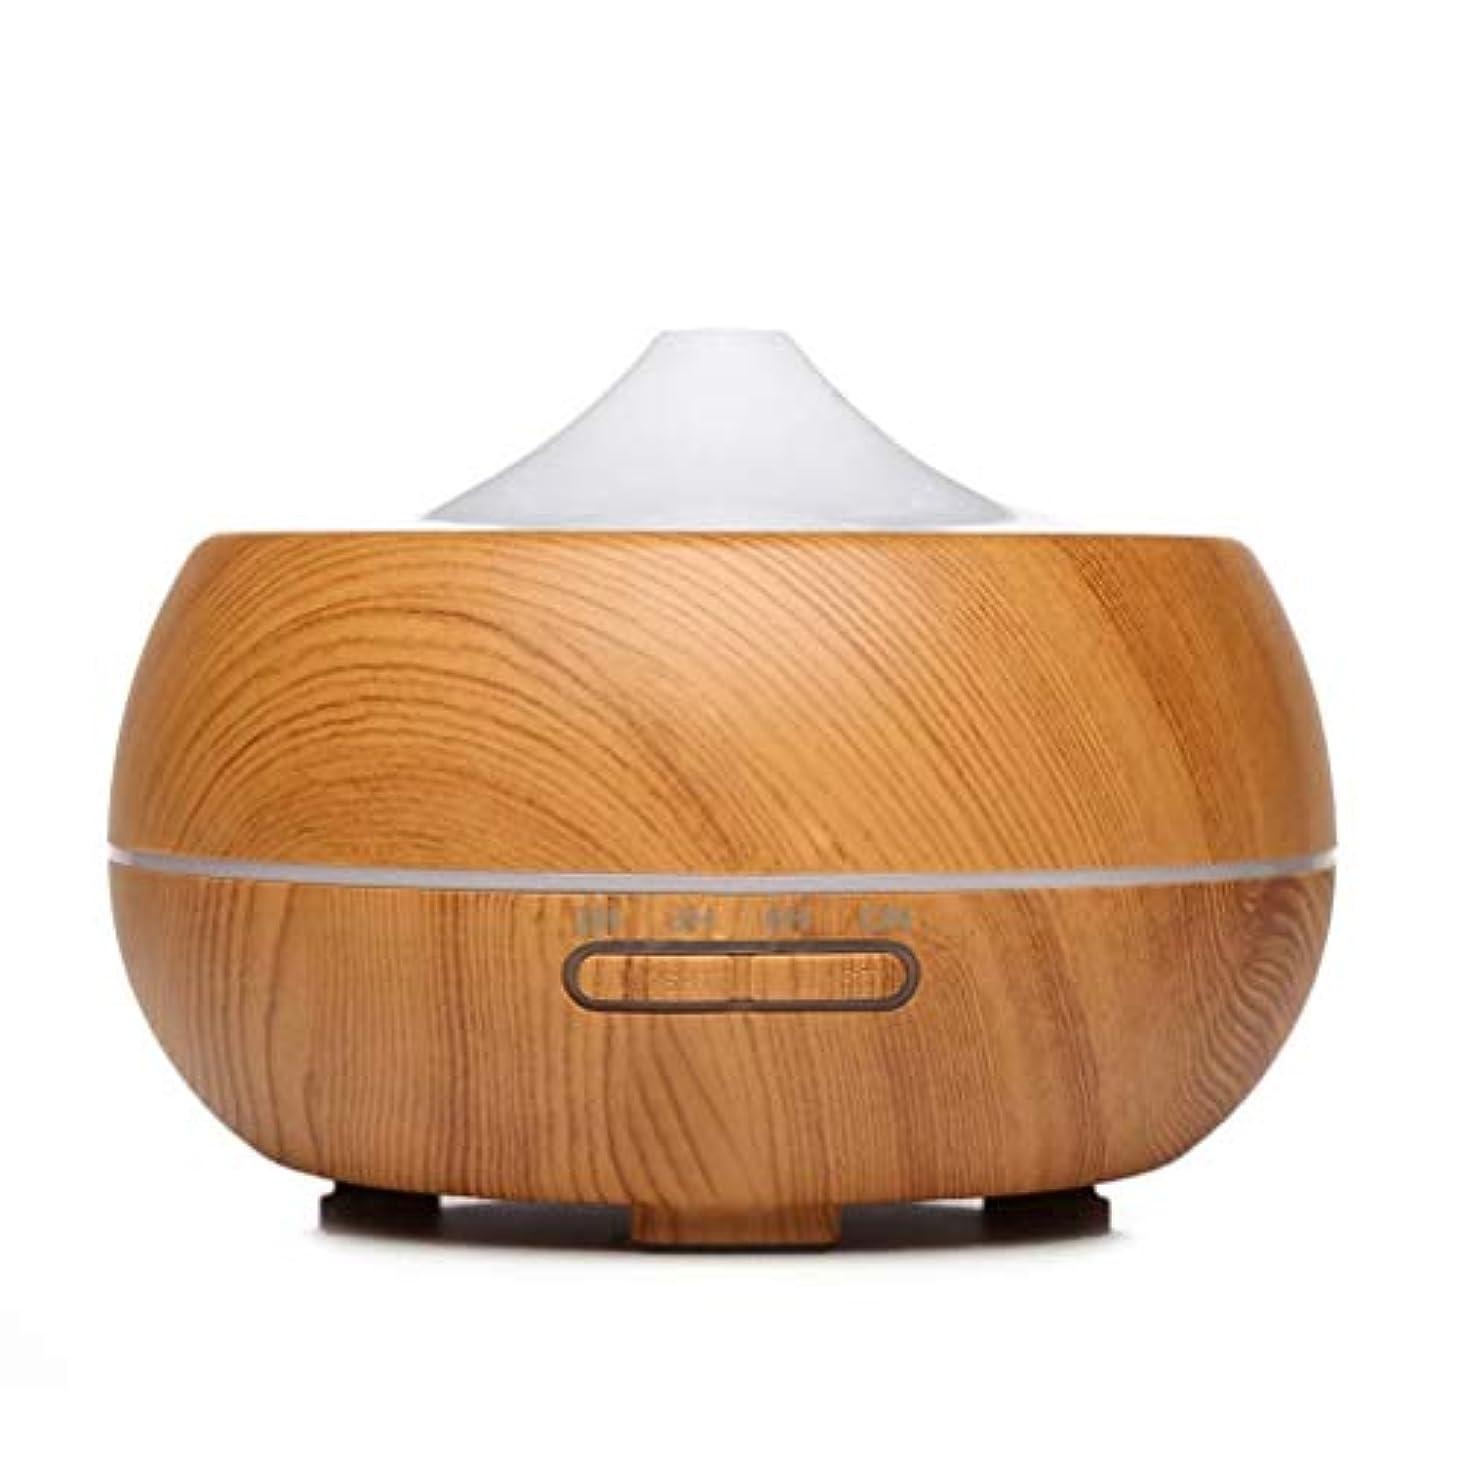 責める慣れる抜け目のないオイルディフューザーエッセンシャルオイル300ミリリットルエッセンシャルオイルディフューザー電動クールミスト加湿器空気清浄機ウォーターレスオートオフ空気清浄機 (Color : Light Wood Grain)